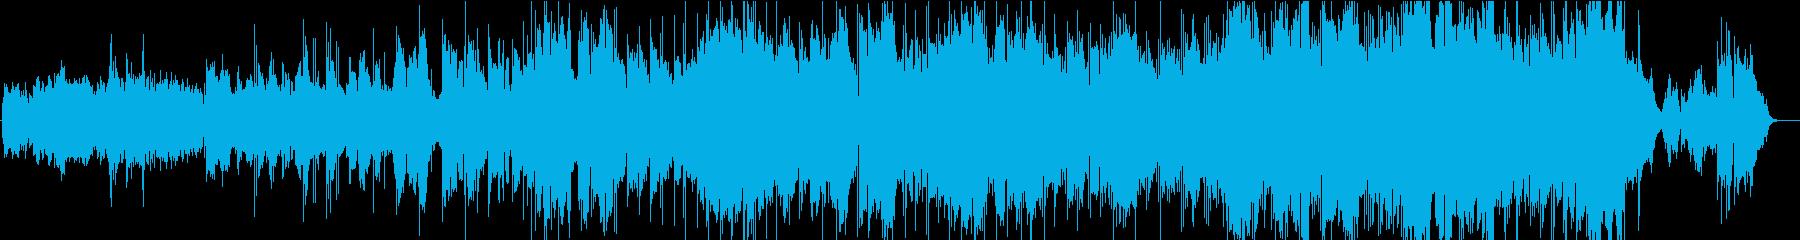 優しいぬくもりが伝わるバラードの再生済みの波形